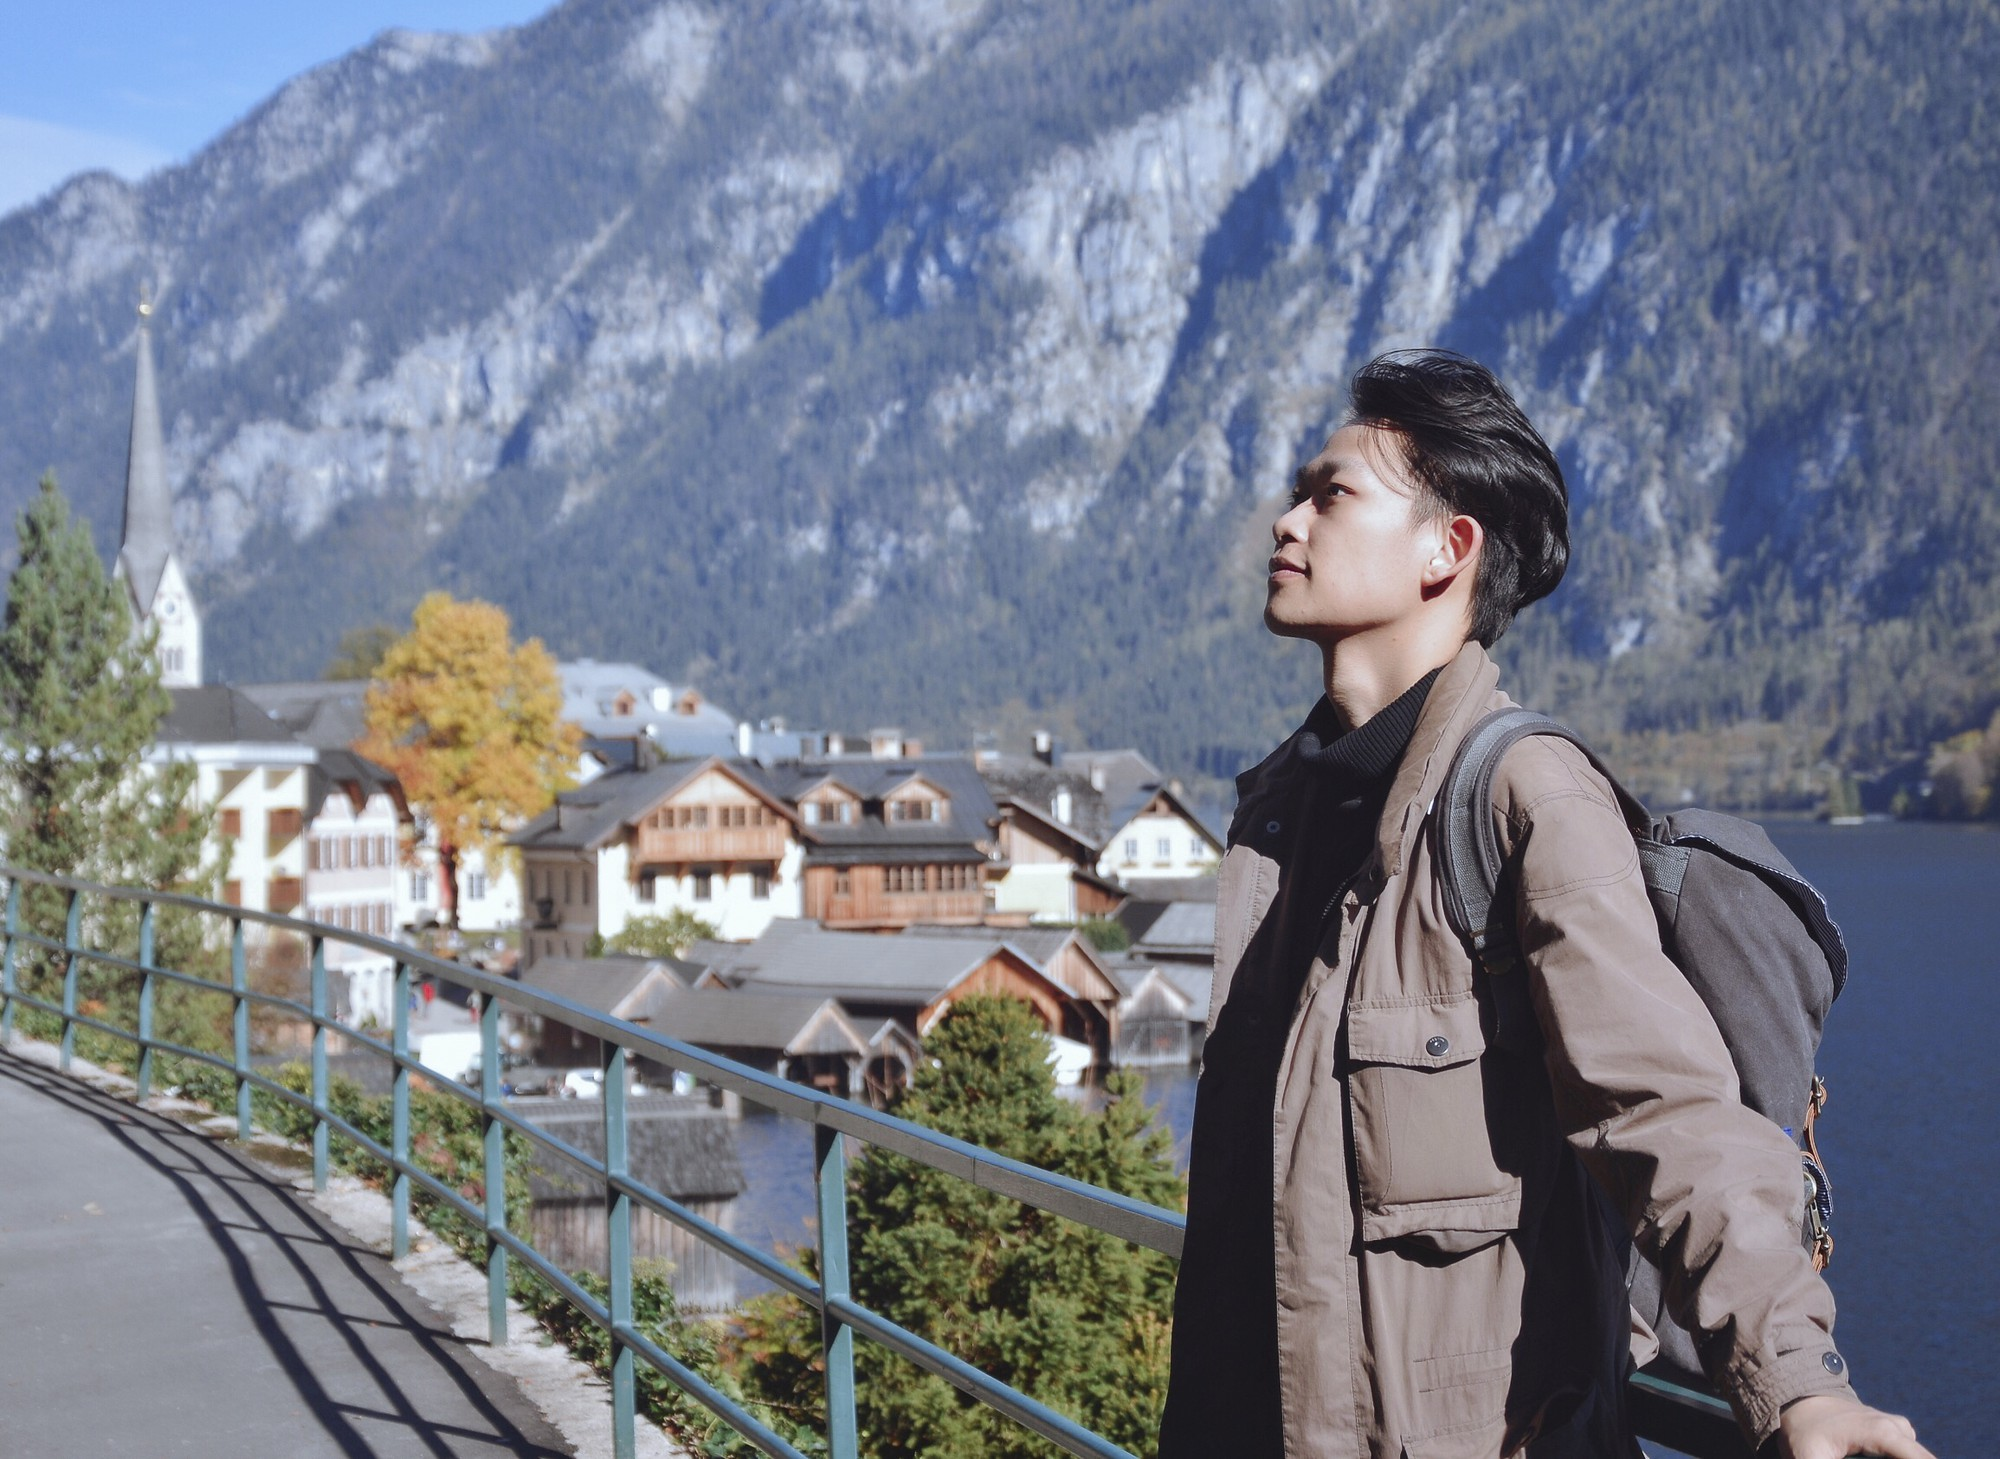 Cậu bạn Hà Nội đẹp trai, giành học bổng du học 5 nước, là thủ khoa đầu vào và tốt nghiệp ĐH với số điểm cao nhất - Ảnh 4.